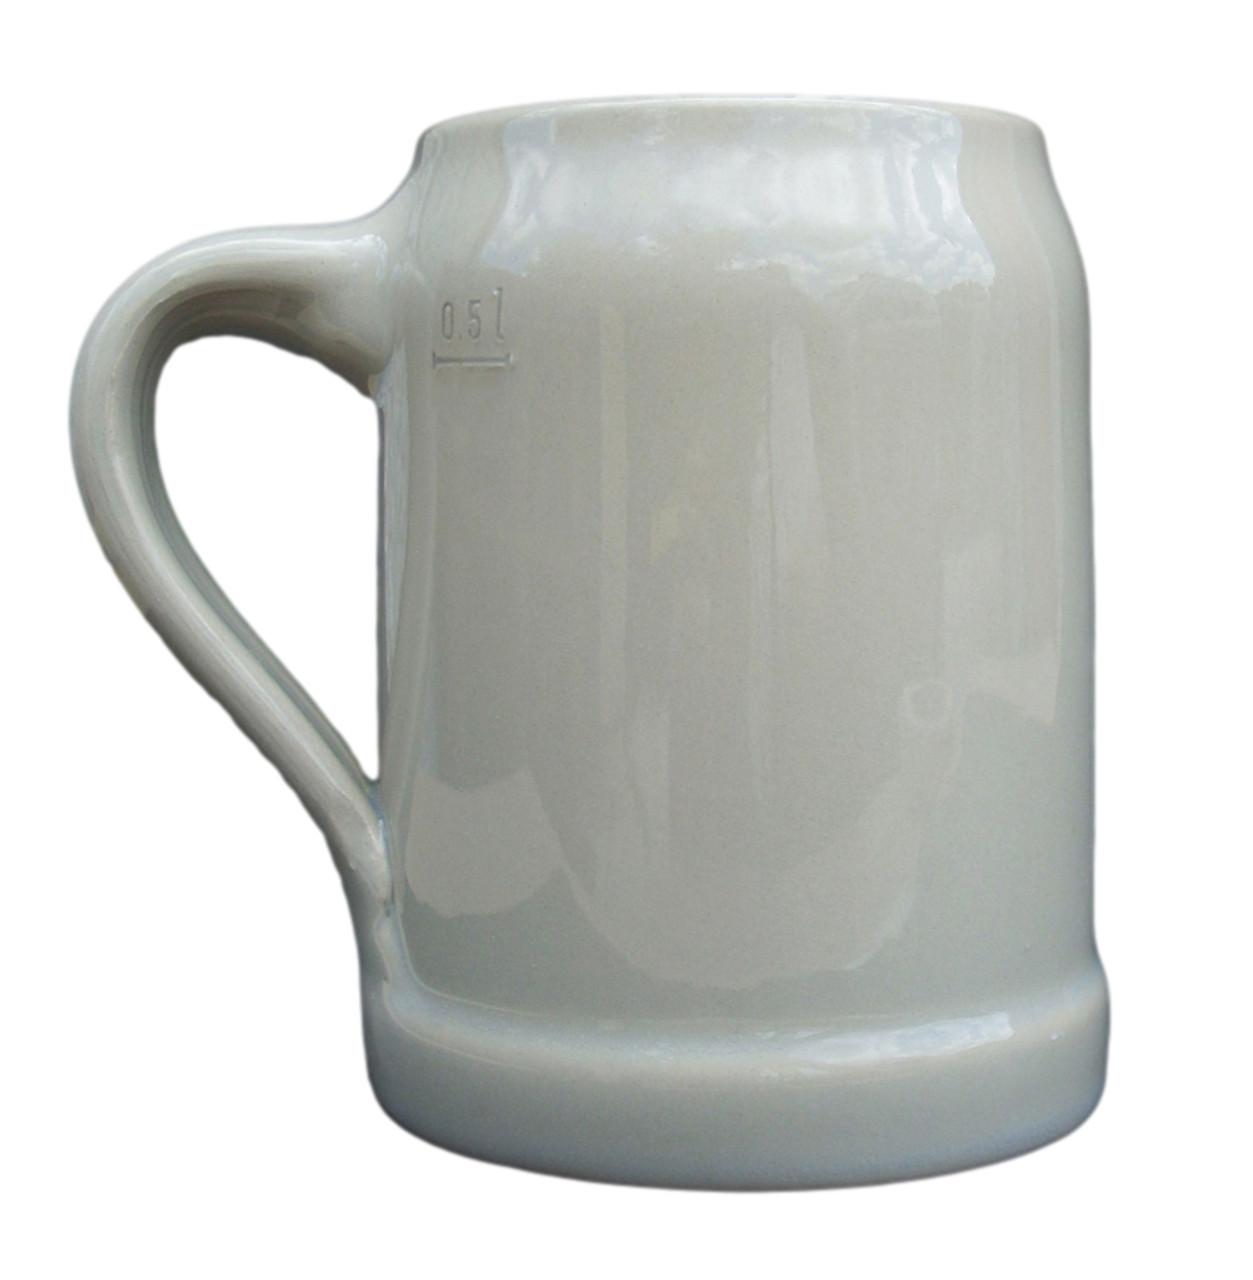 Berlin German Stoneware Beer Mug 0.5 Liter